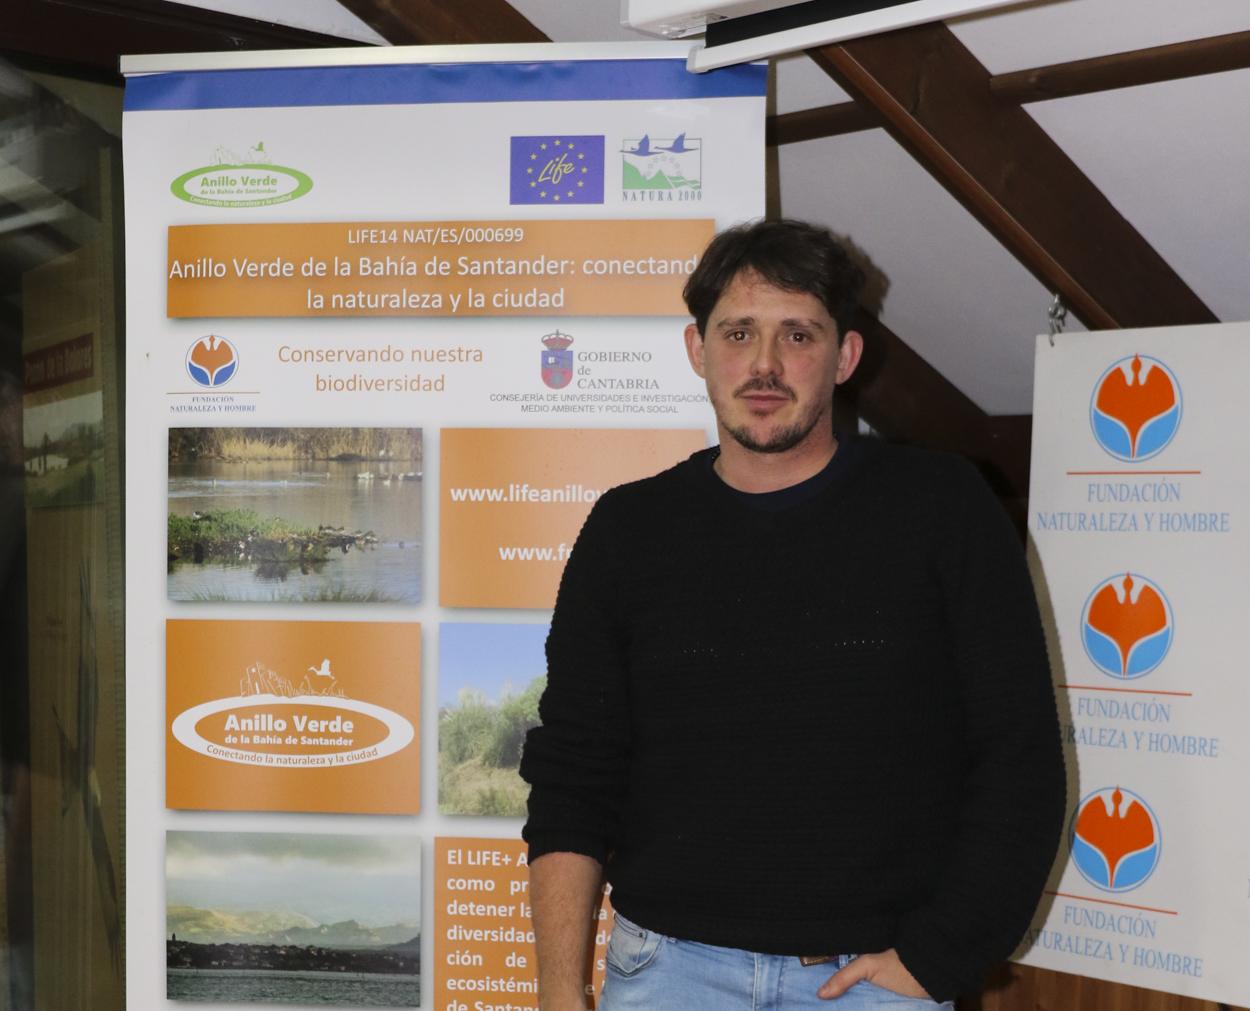 Diego Glez. Roiz de Eco-Tierra Mojada durante Charla de Agricultura Ecológica en Casa Naturaleza Humedales del Anillo Verde de la Bahía de Santander